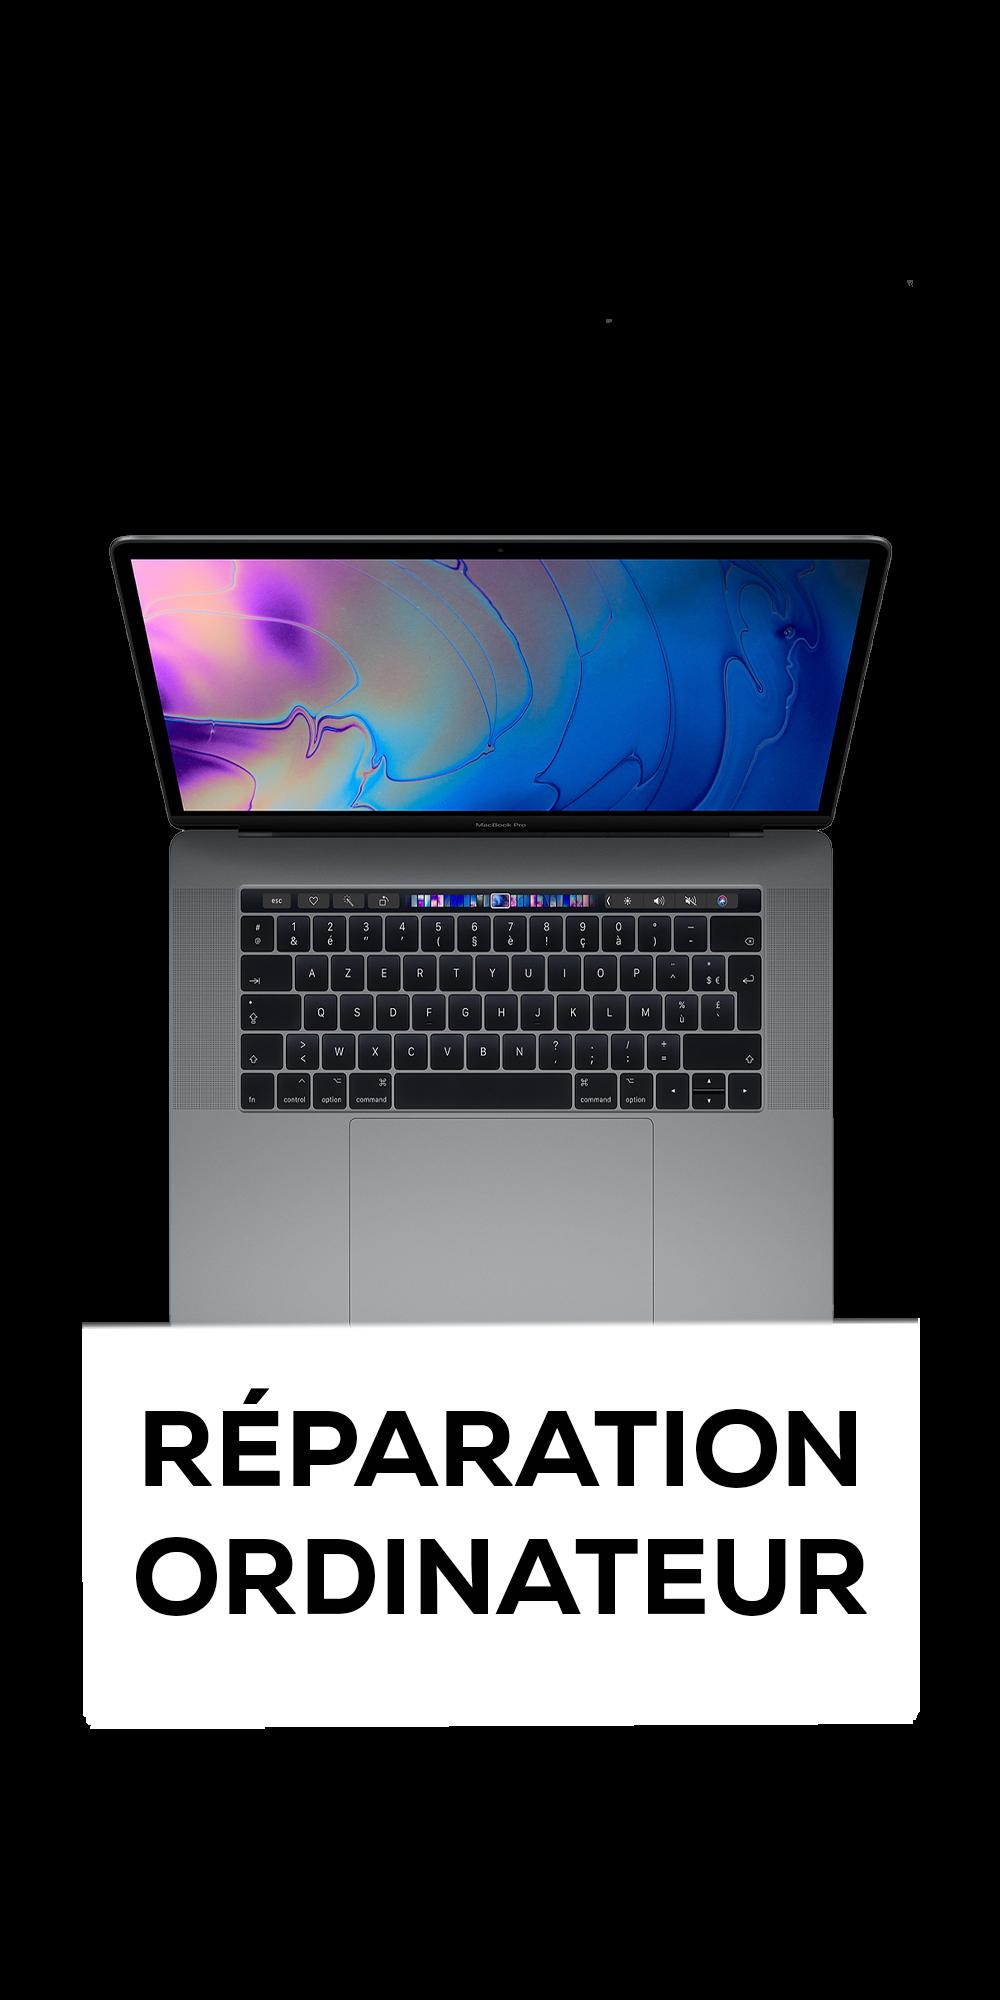 Reparaation ordinateur copie